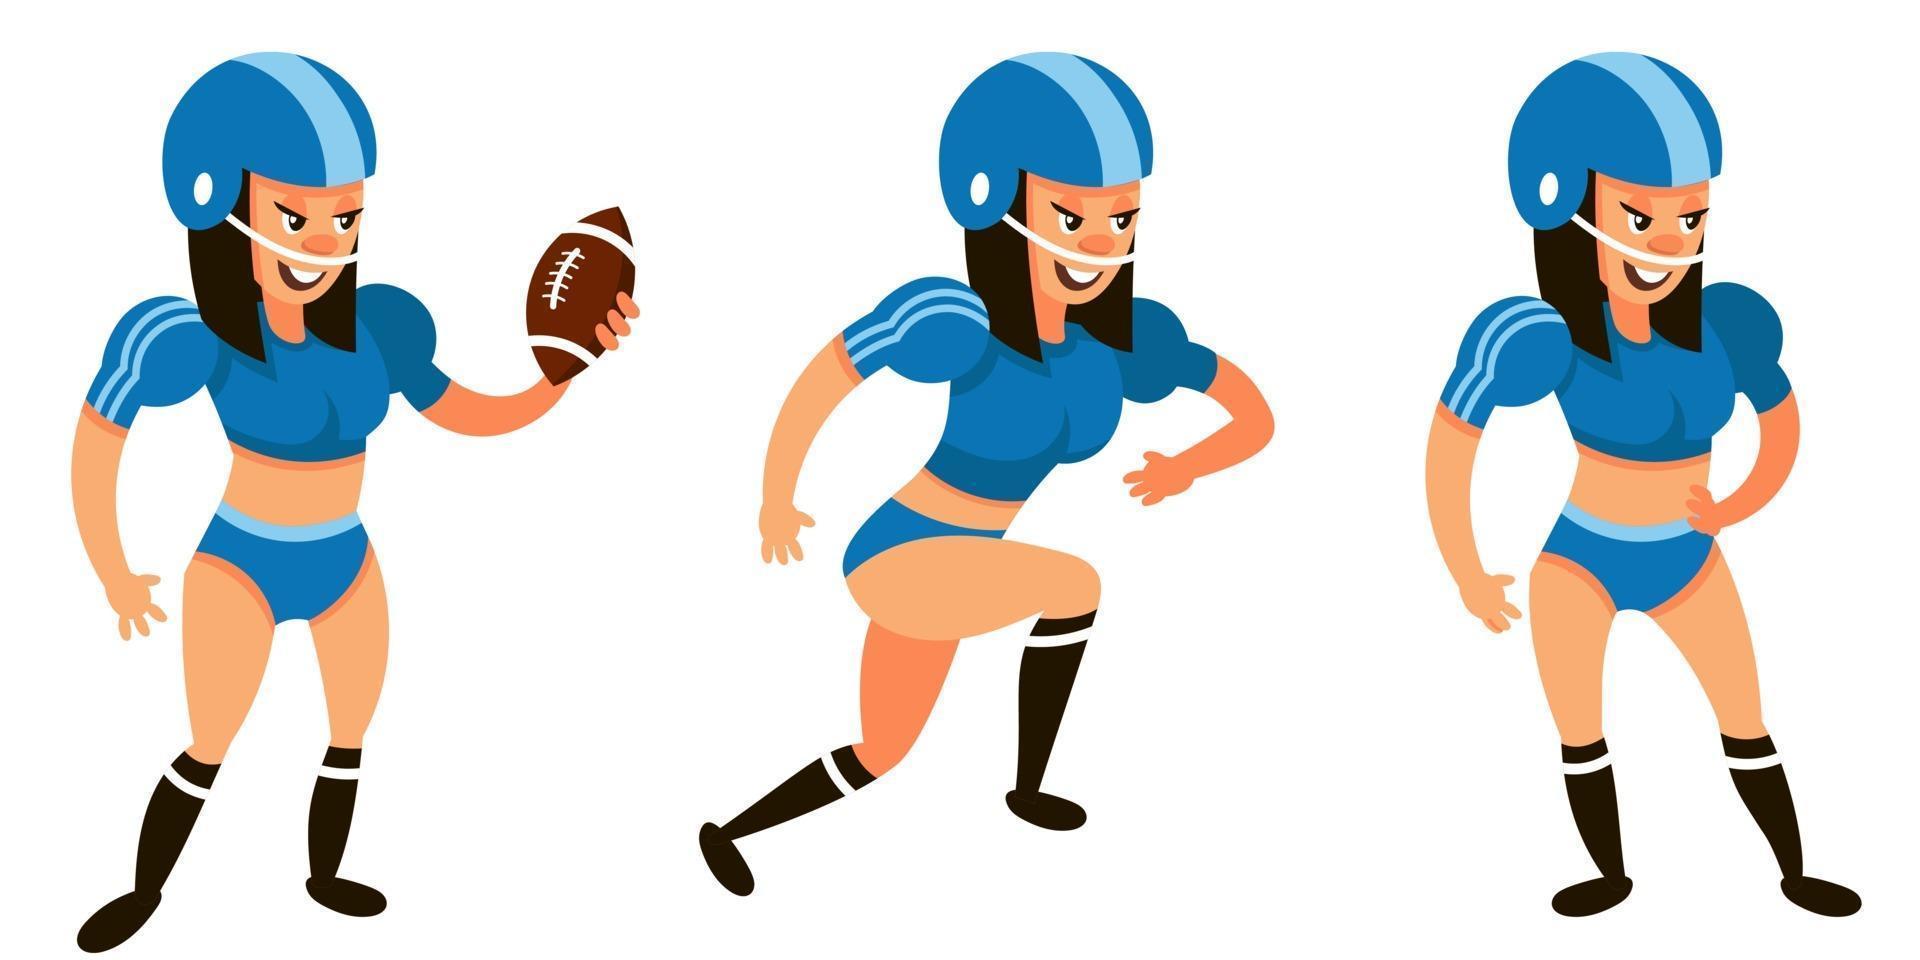 jogador de futebol americano em diferentes poses. personagem feminina em estilo cartoon. vetor